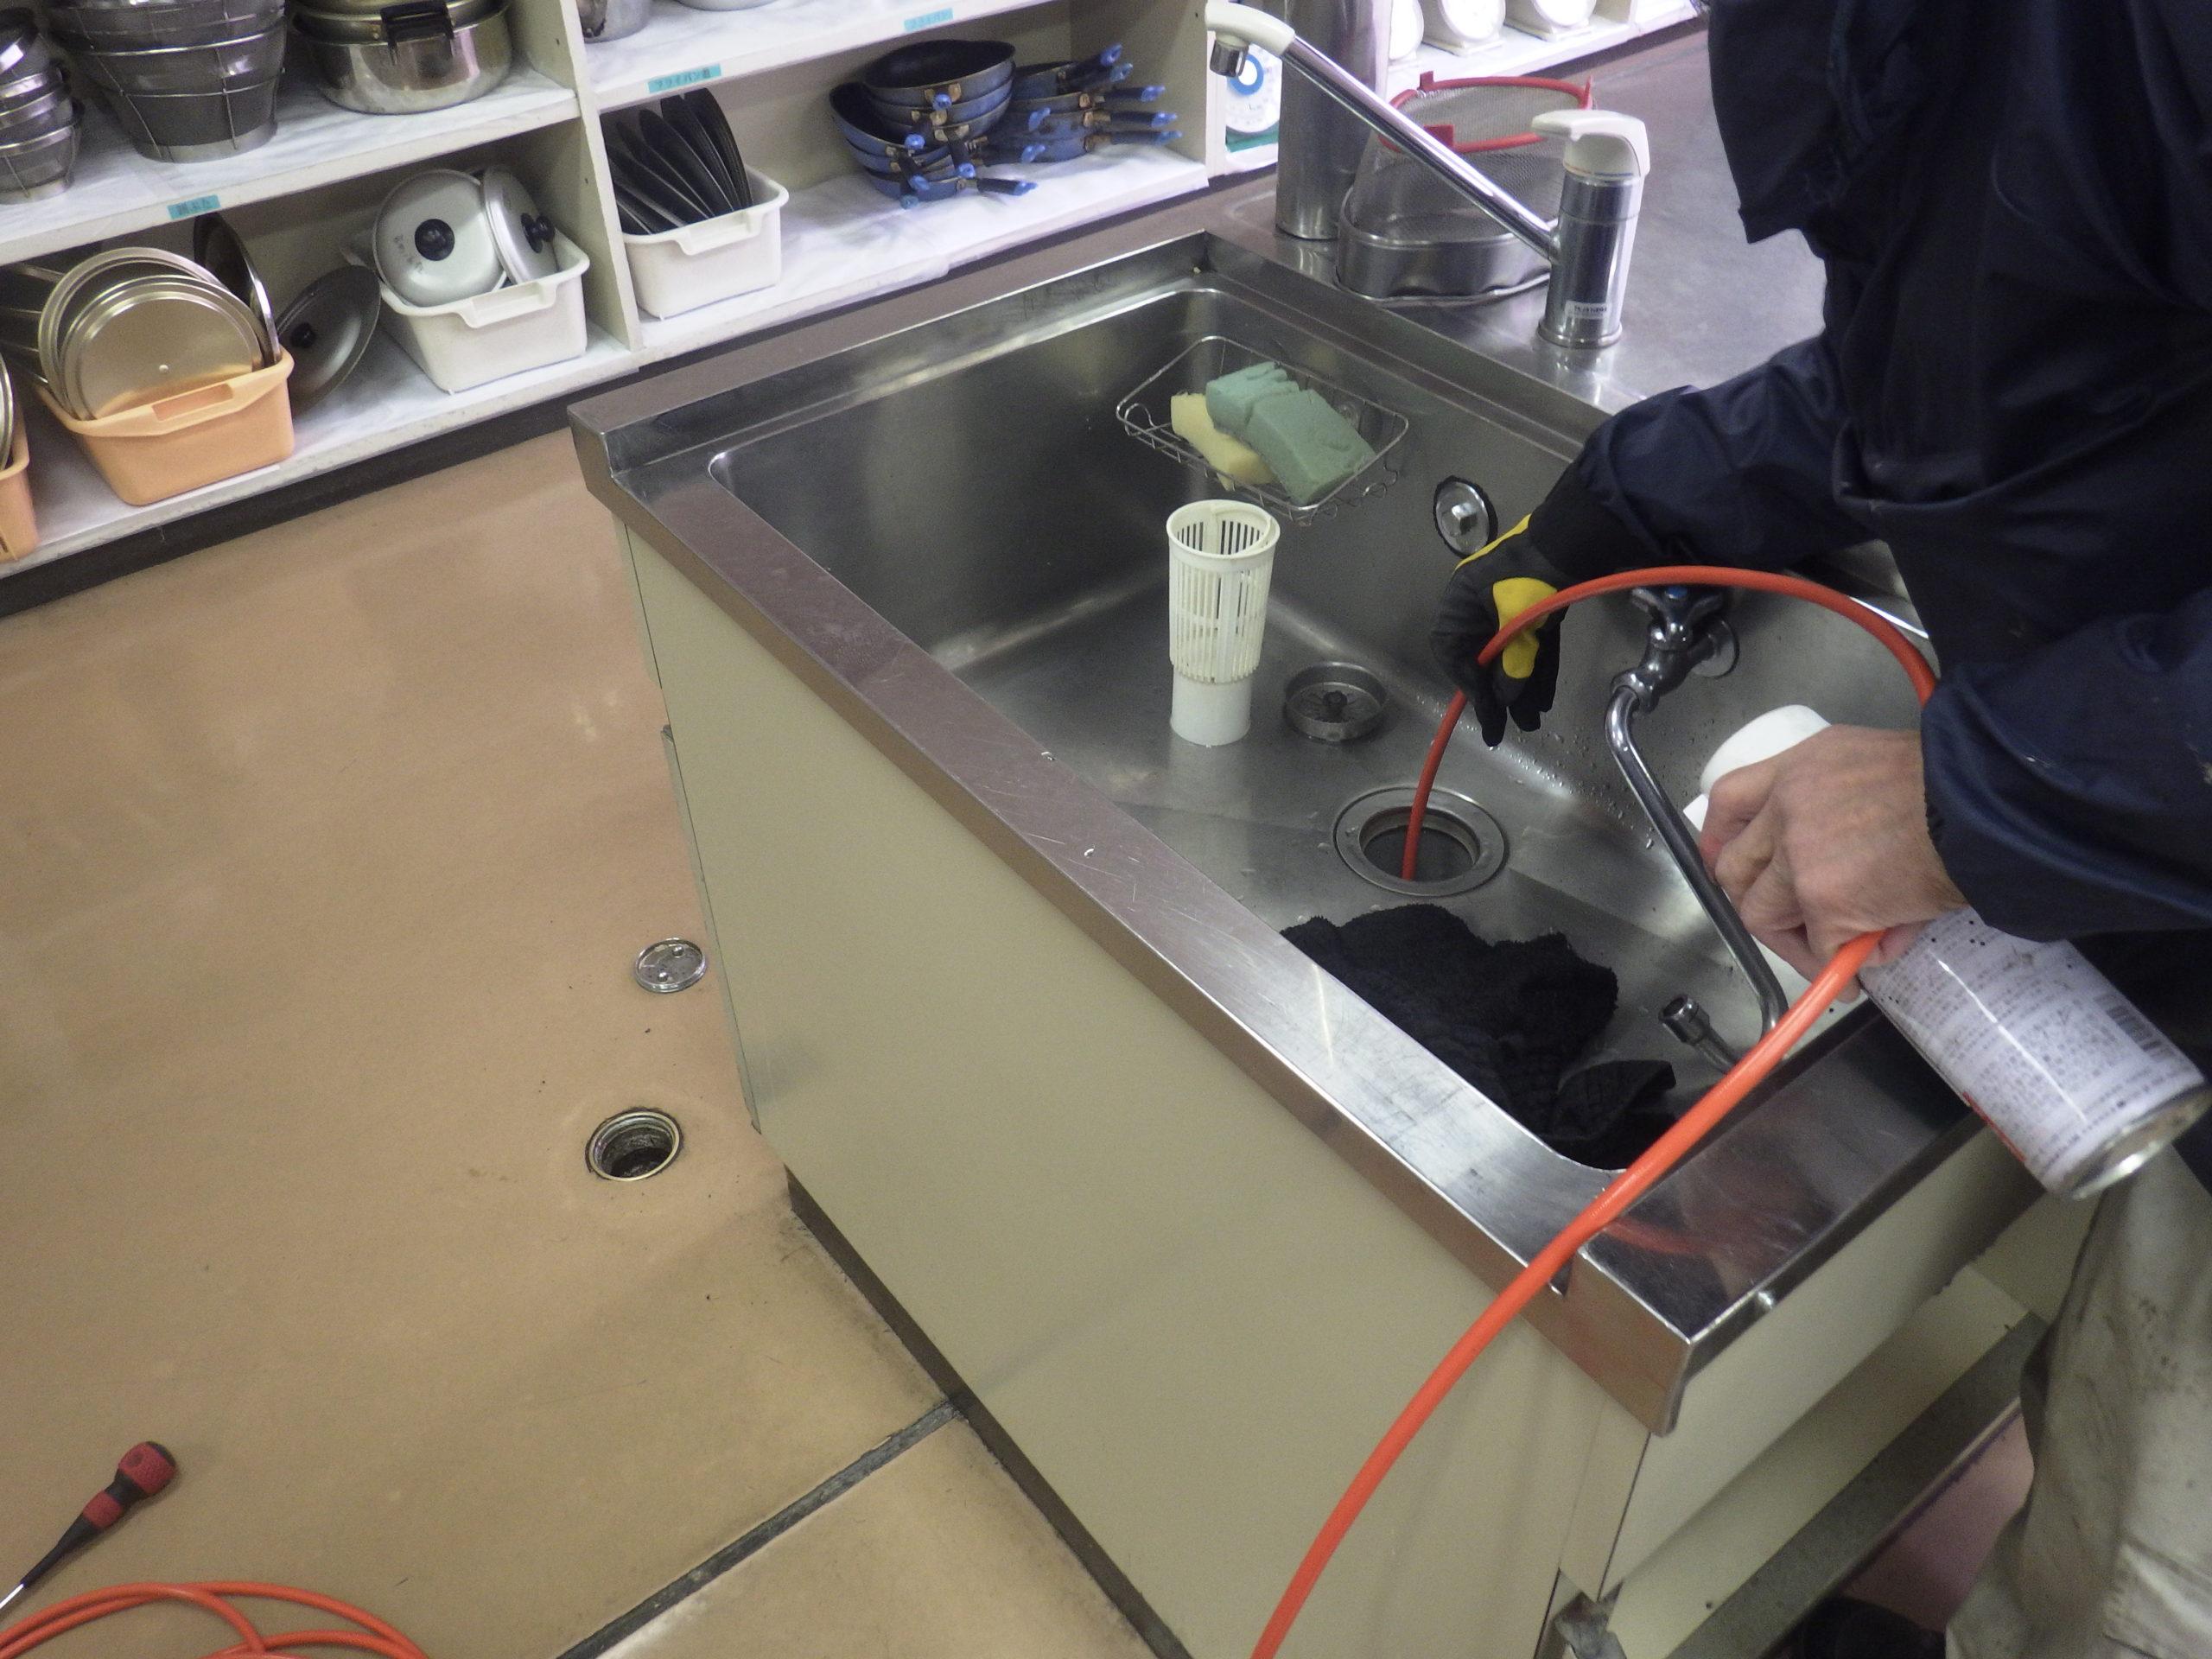 高圧洗浄による排水管の清掃